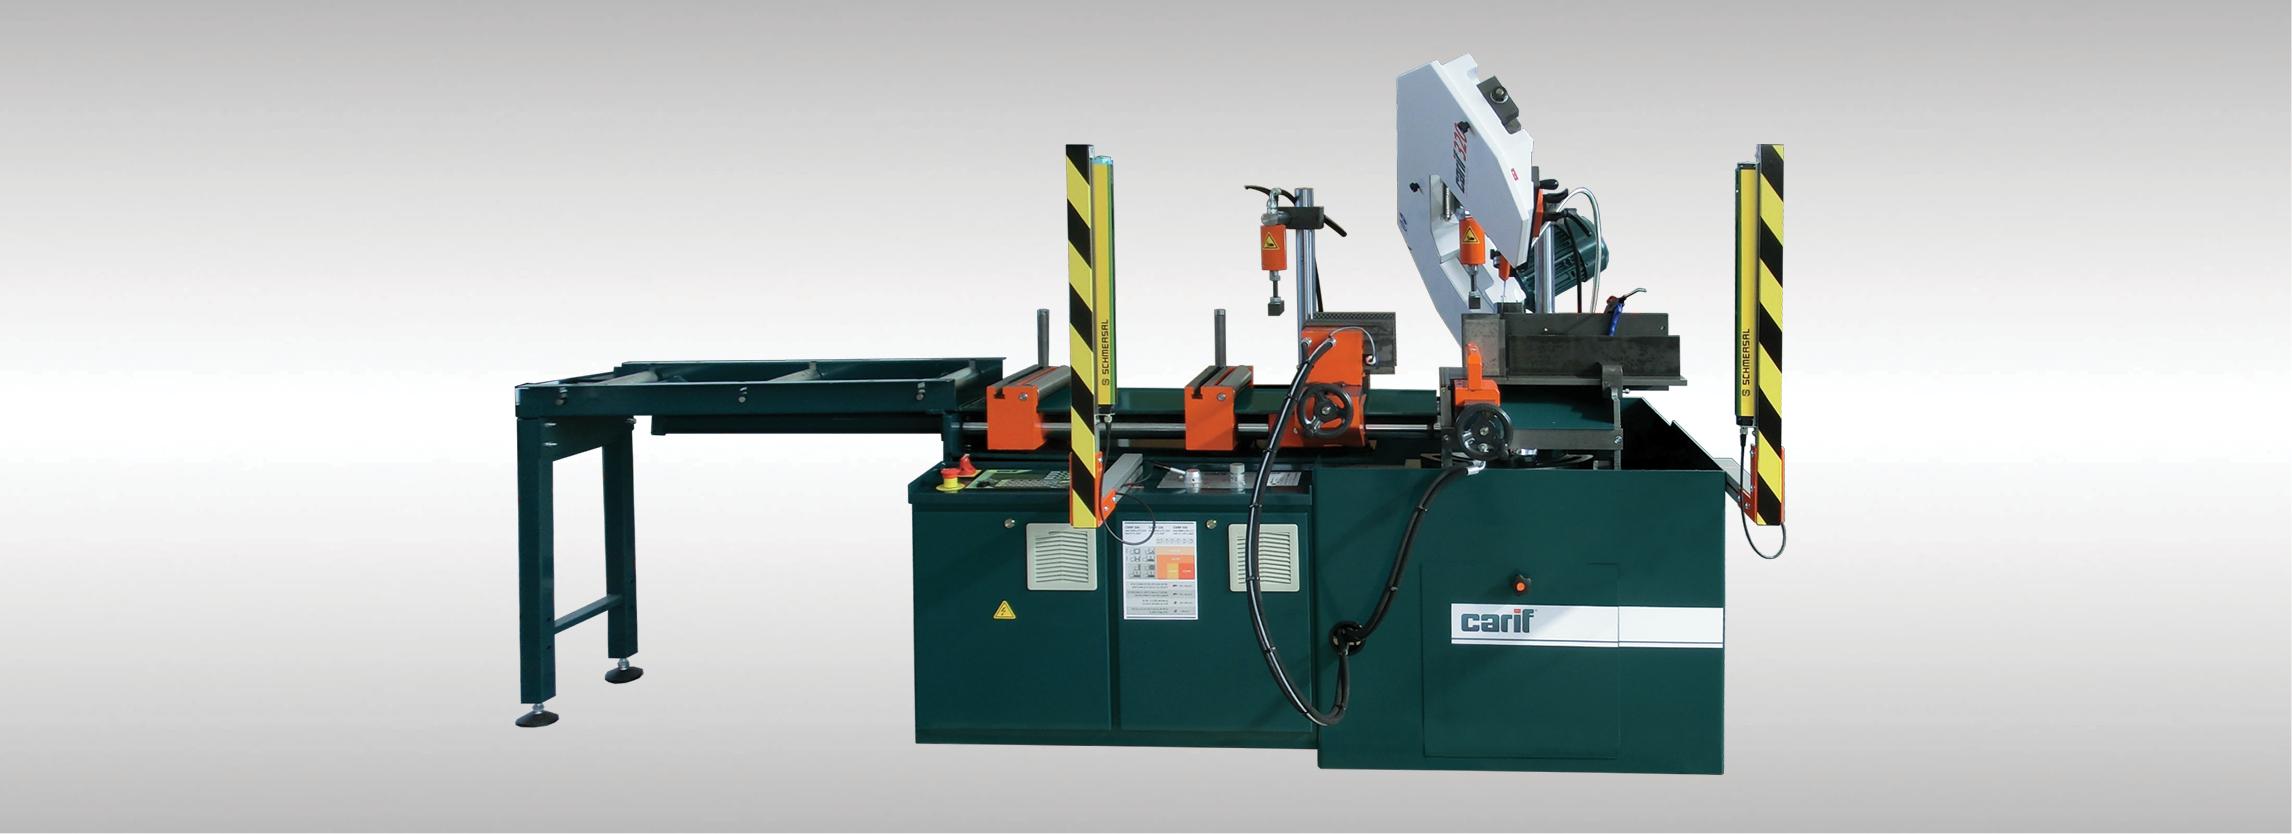 Carif 320 BA CNC slide 02